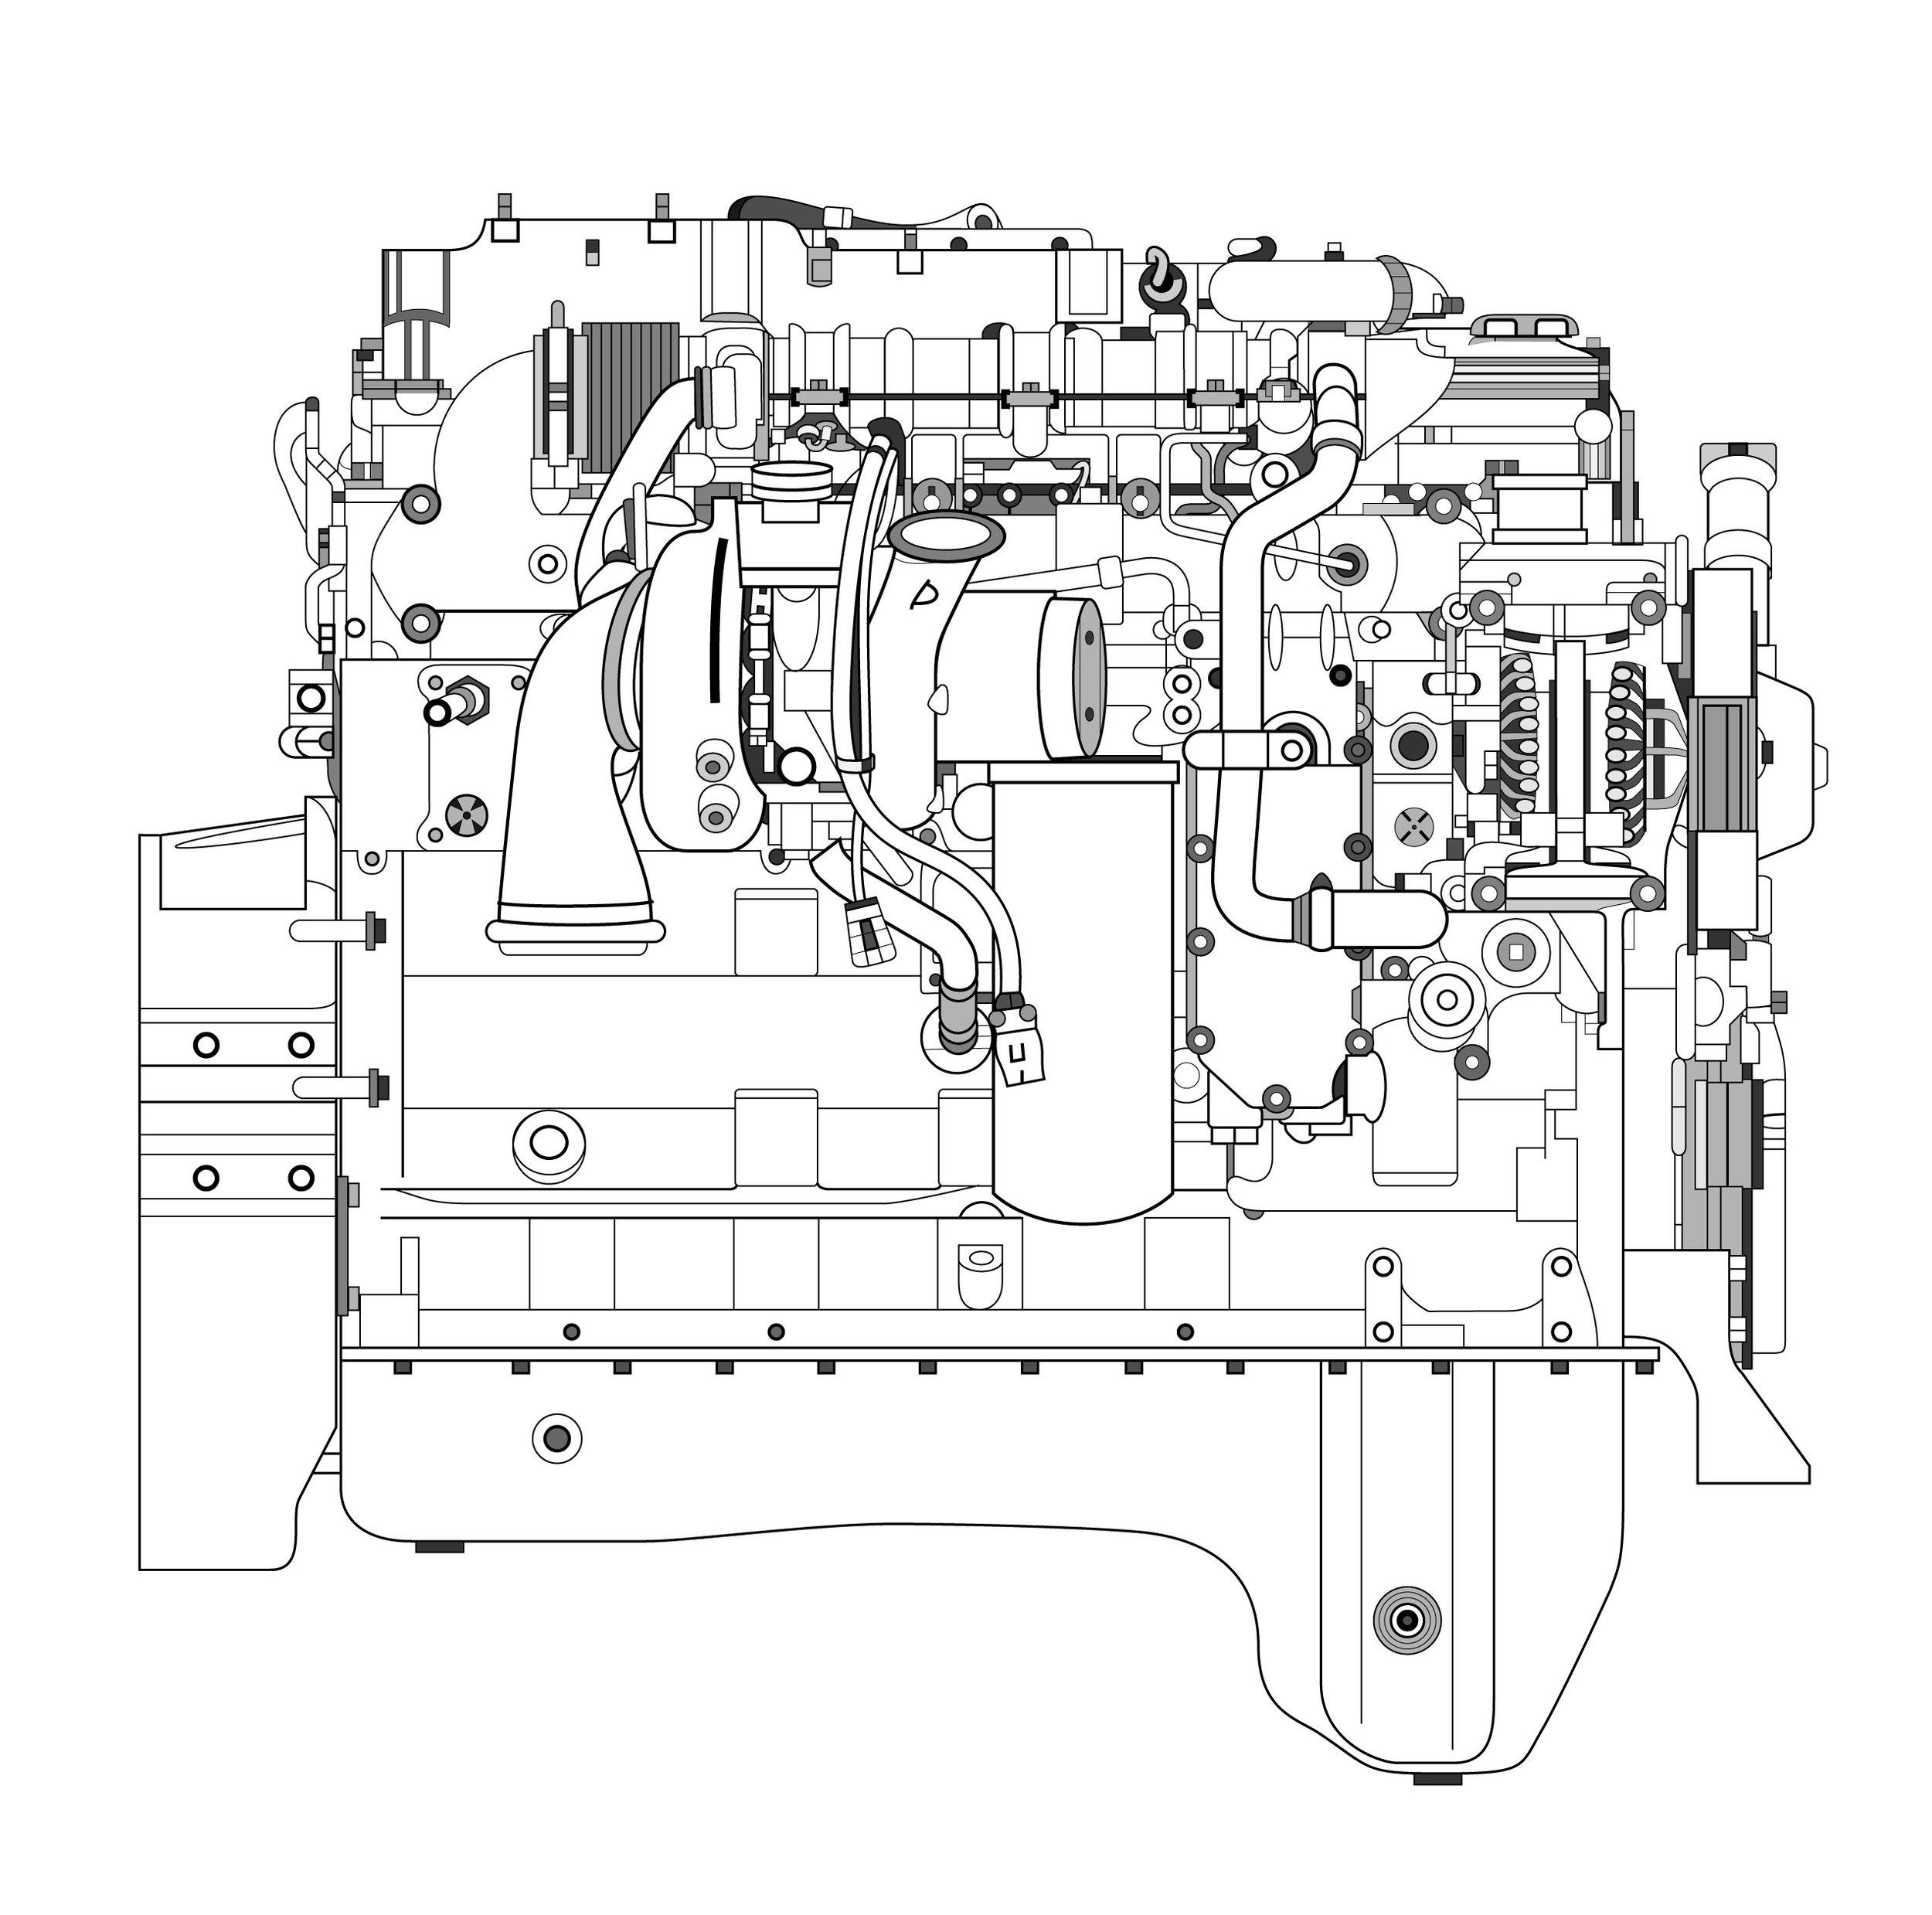 Cummins L9 Engine - Right View.jpg